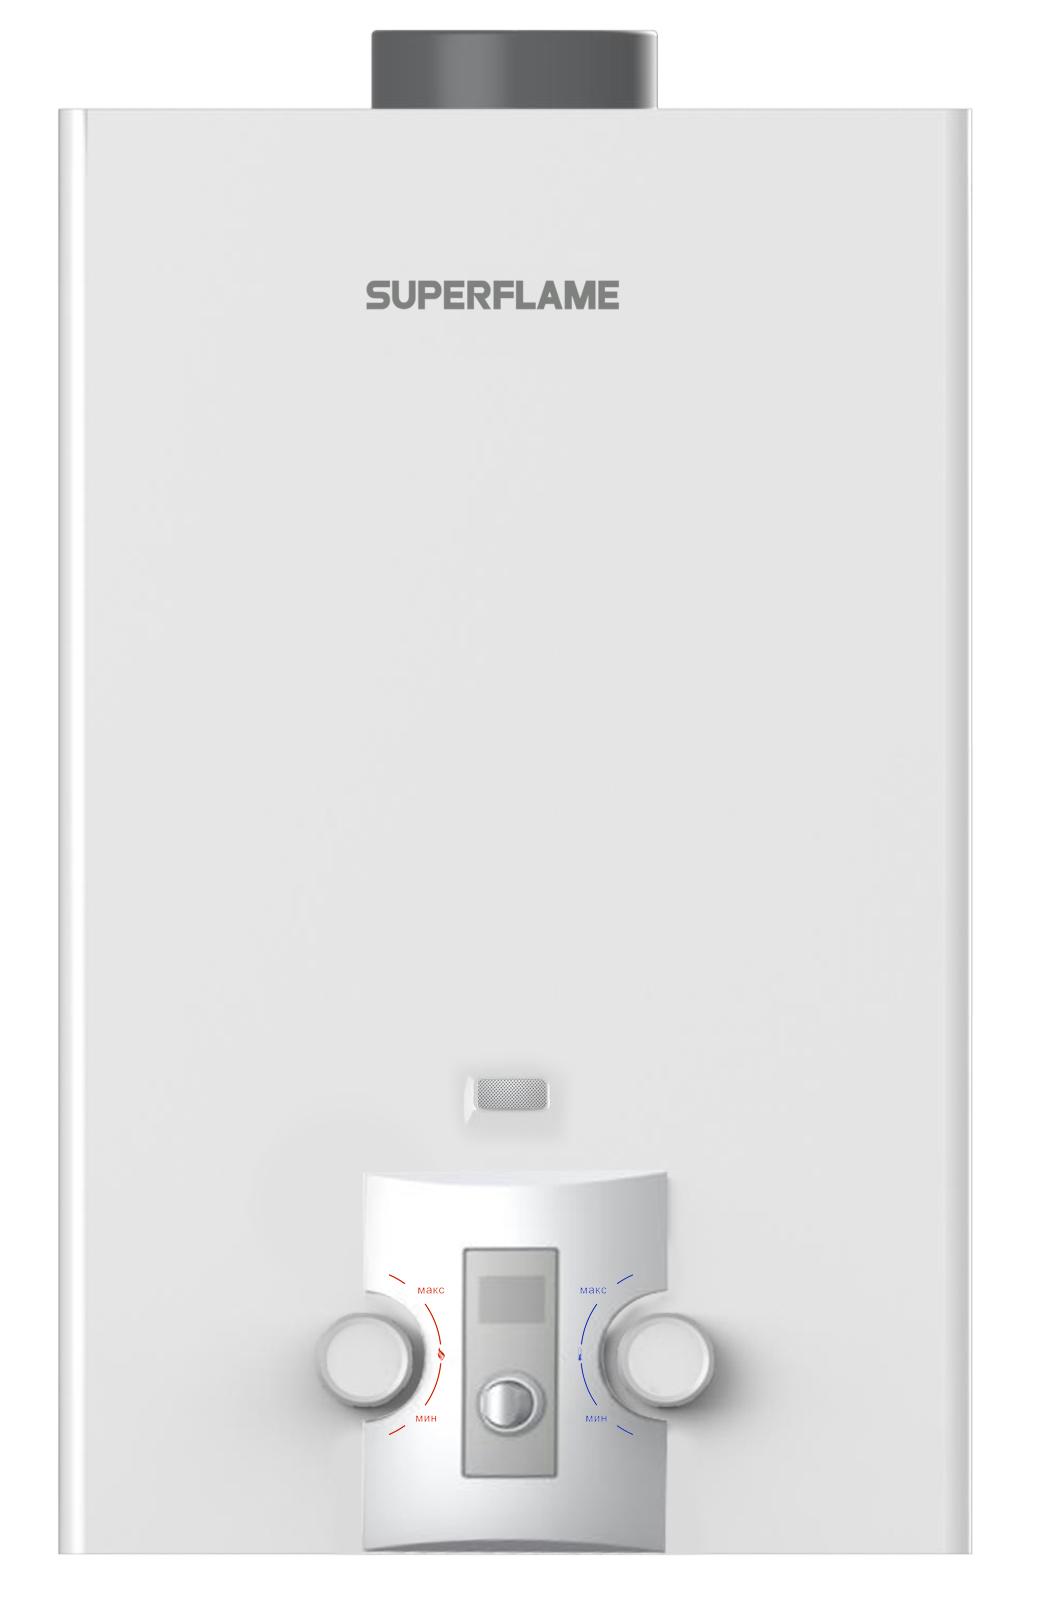 Газовый водонагреватель superflame